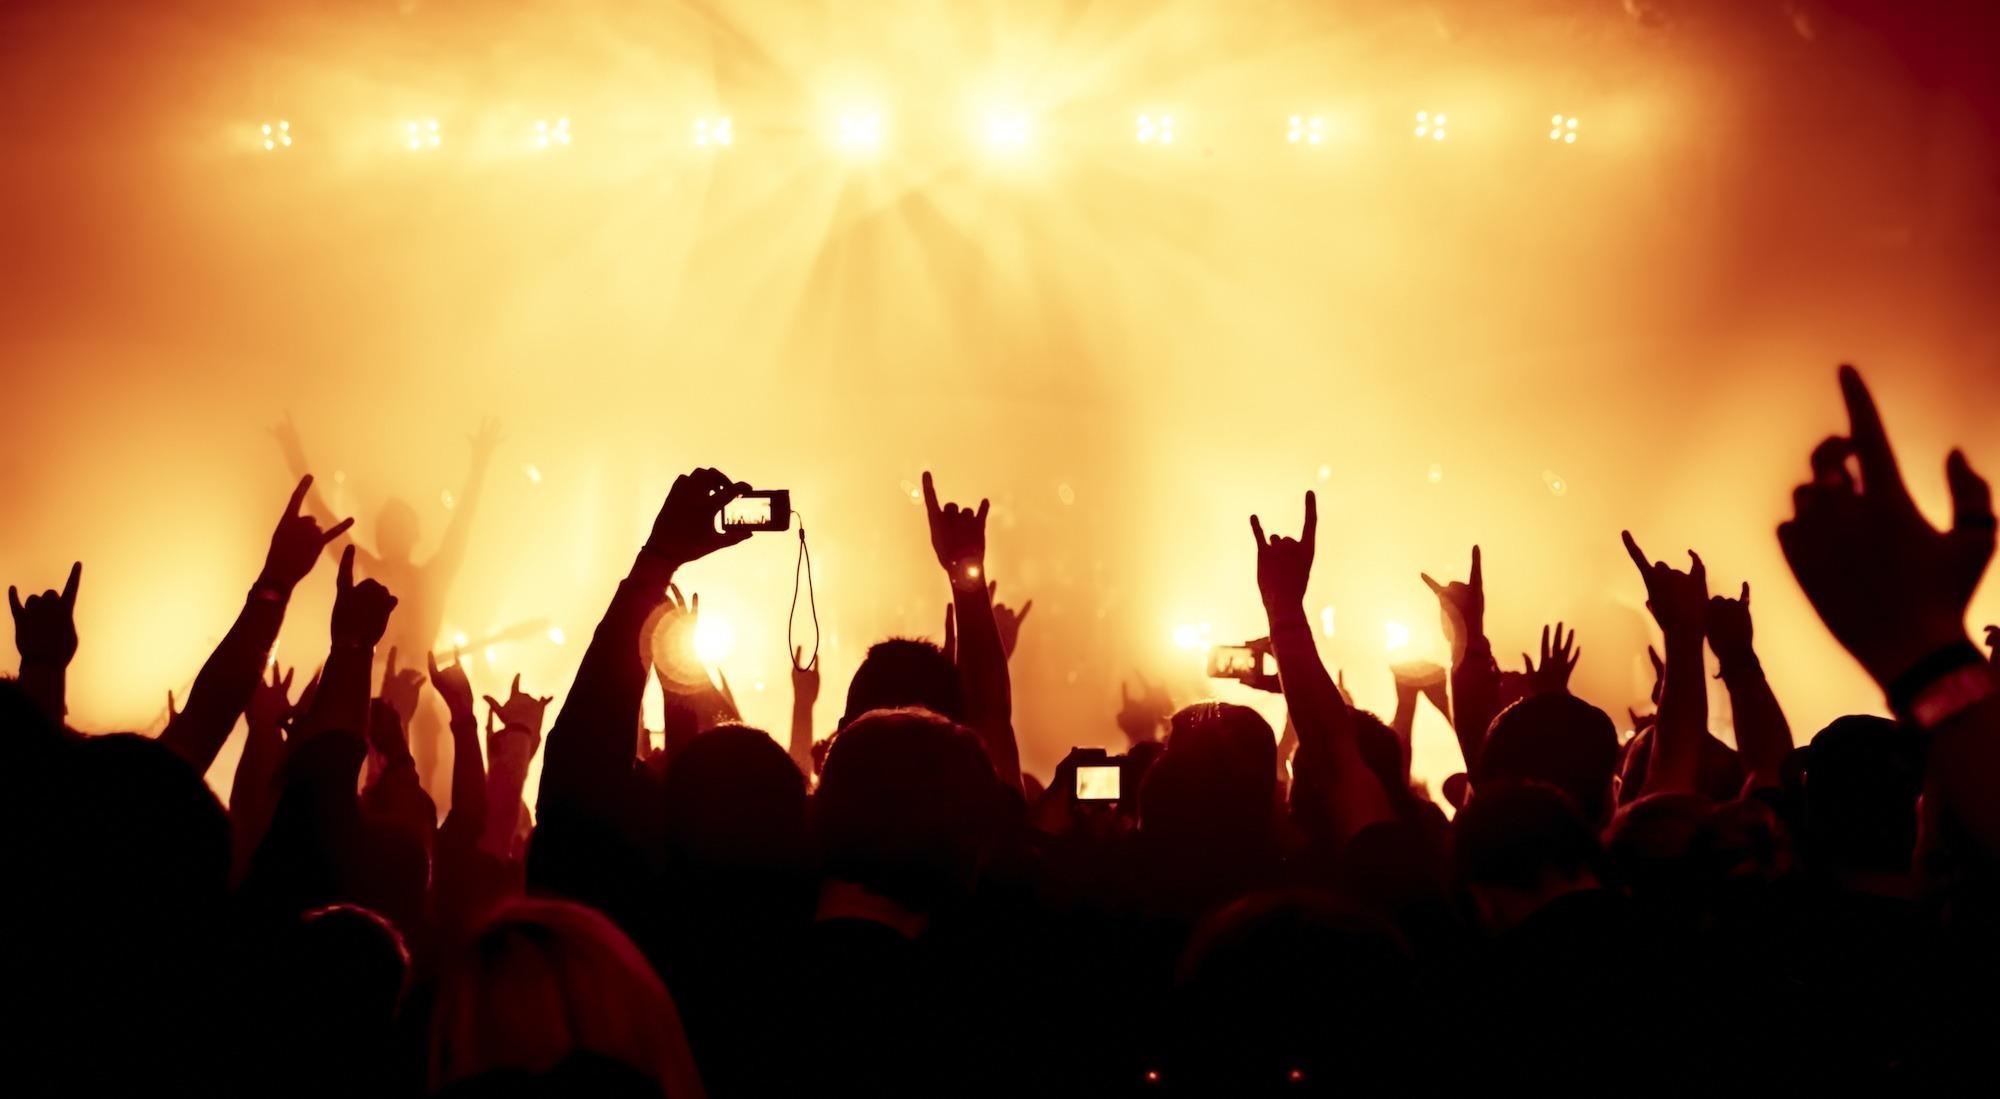 خروجة الثلاثاء.. غناء شعبي وموسيقى وفن وسينما